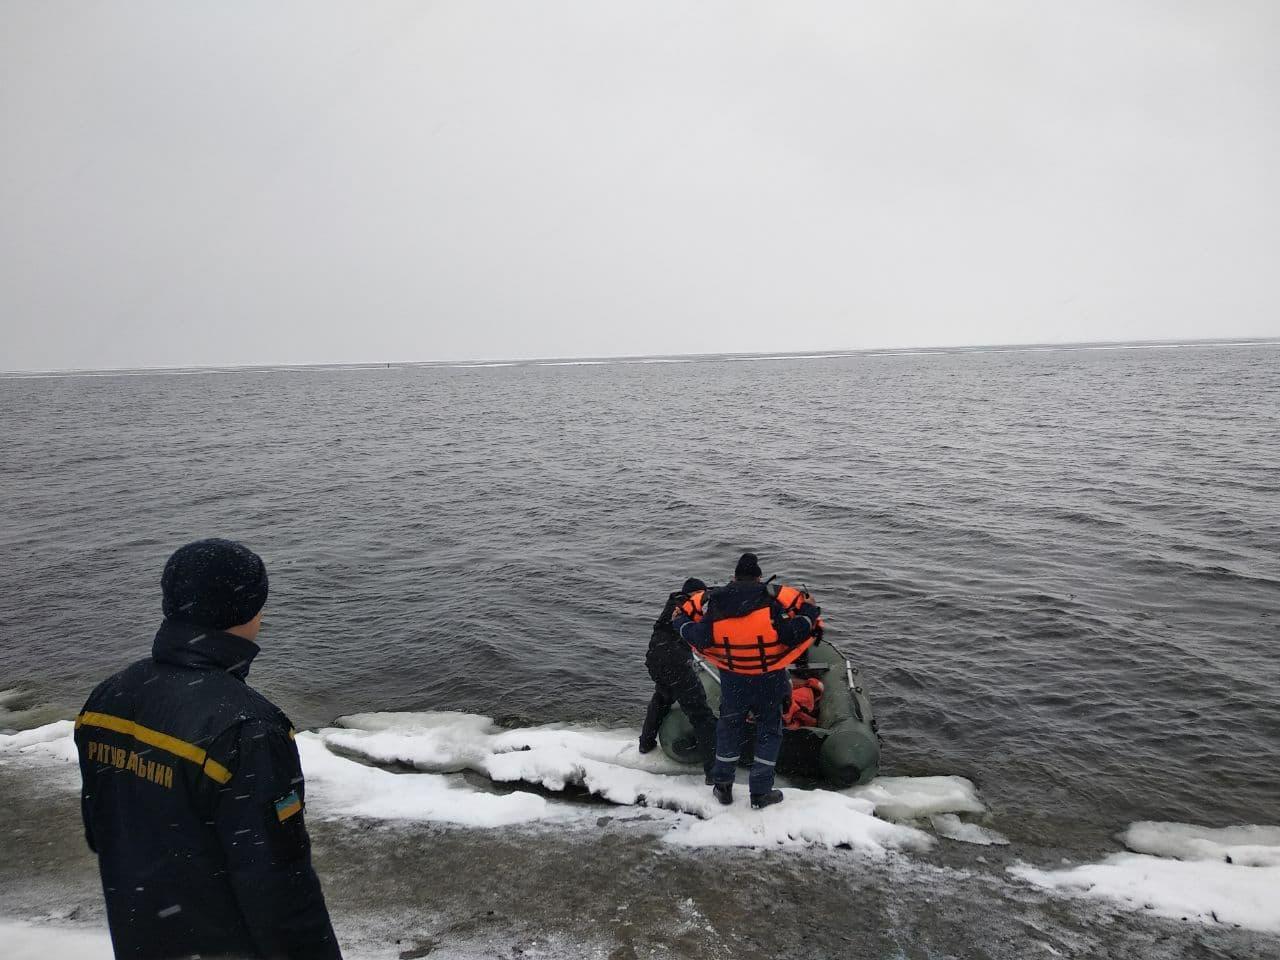 На Кiровоградщинi врятували рибалку, якого вiднесло течiєю на крижинi (ФОТО)